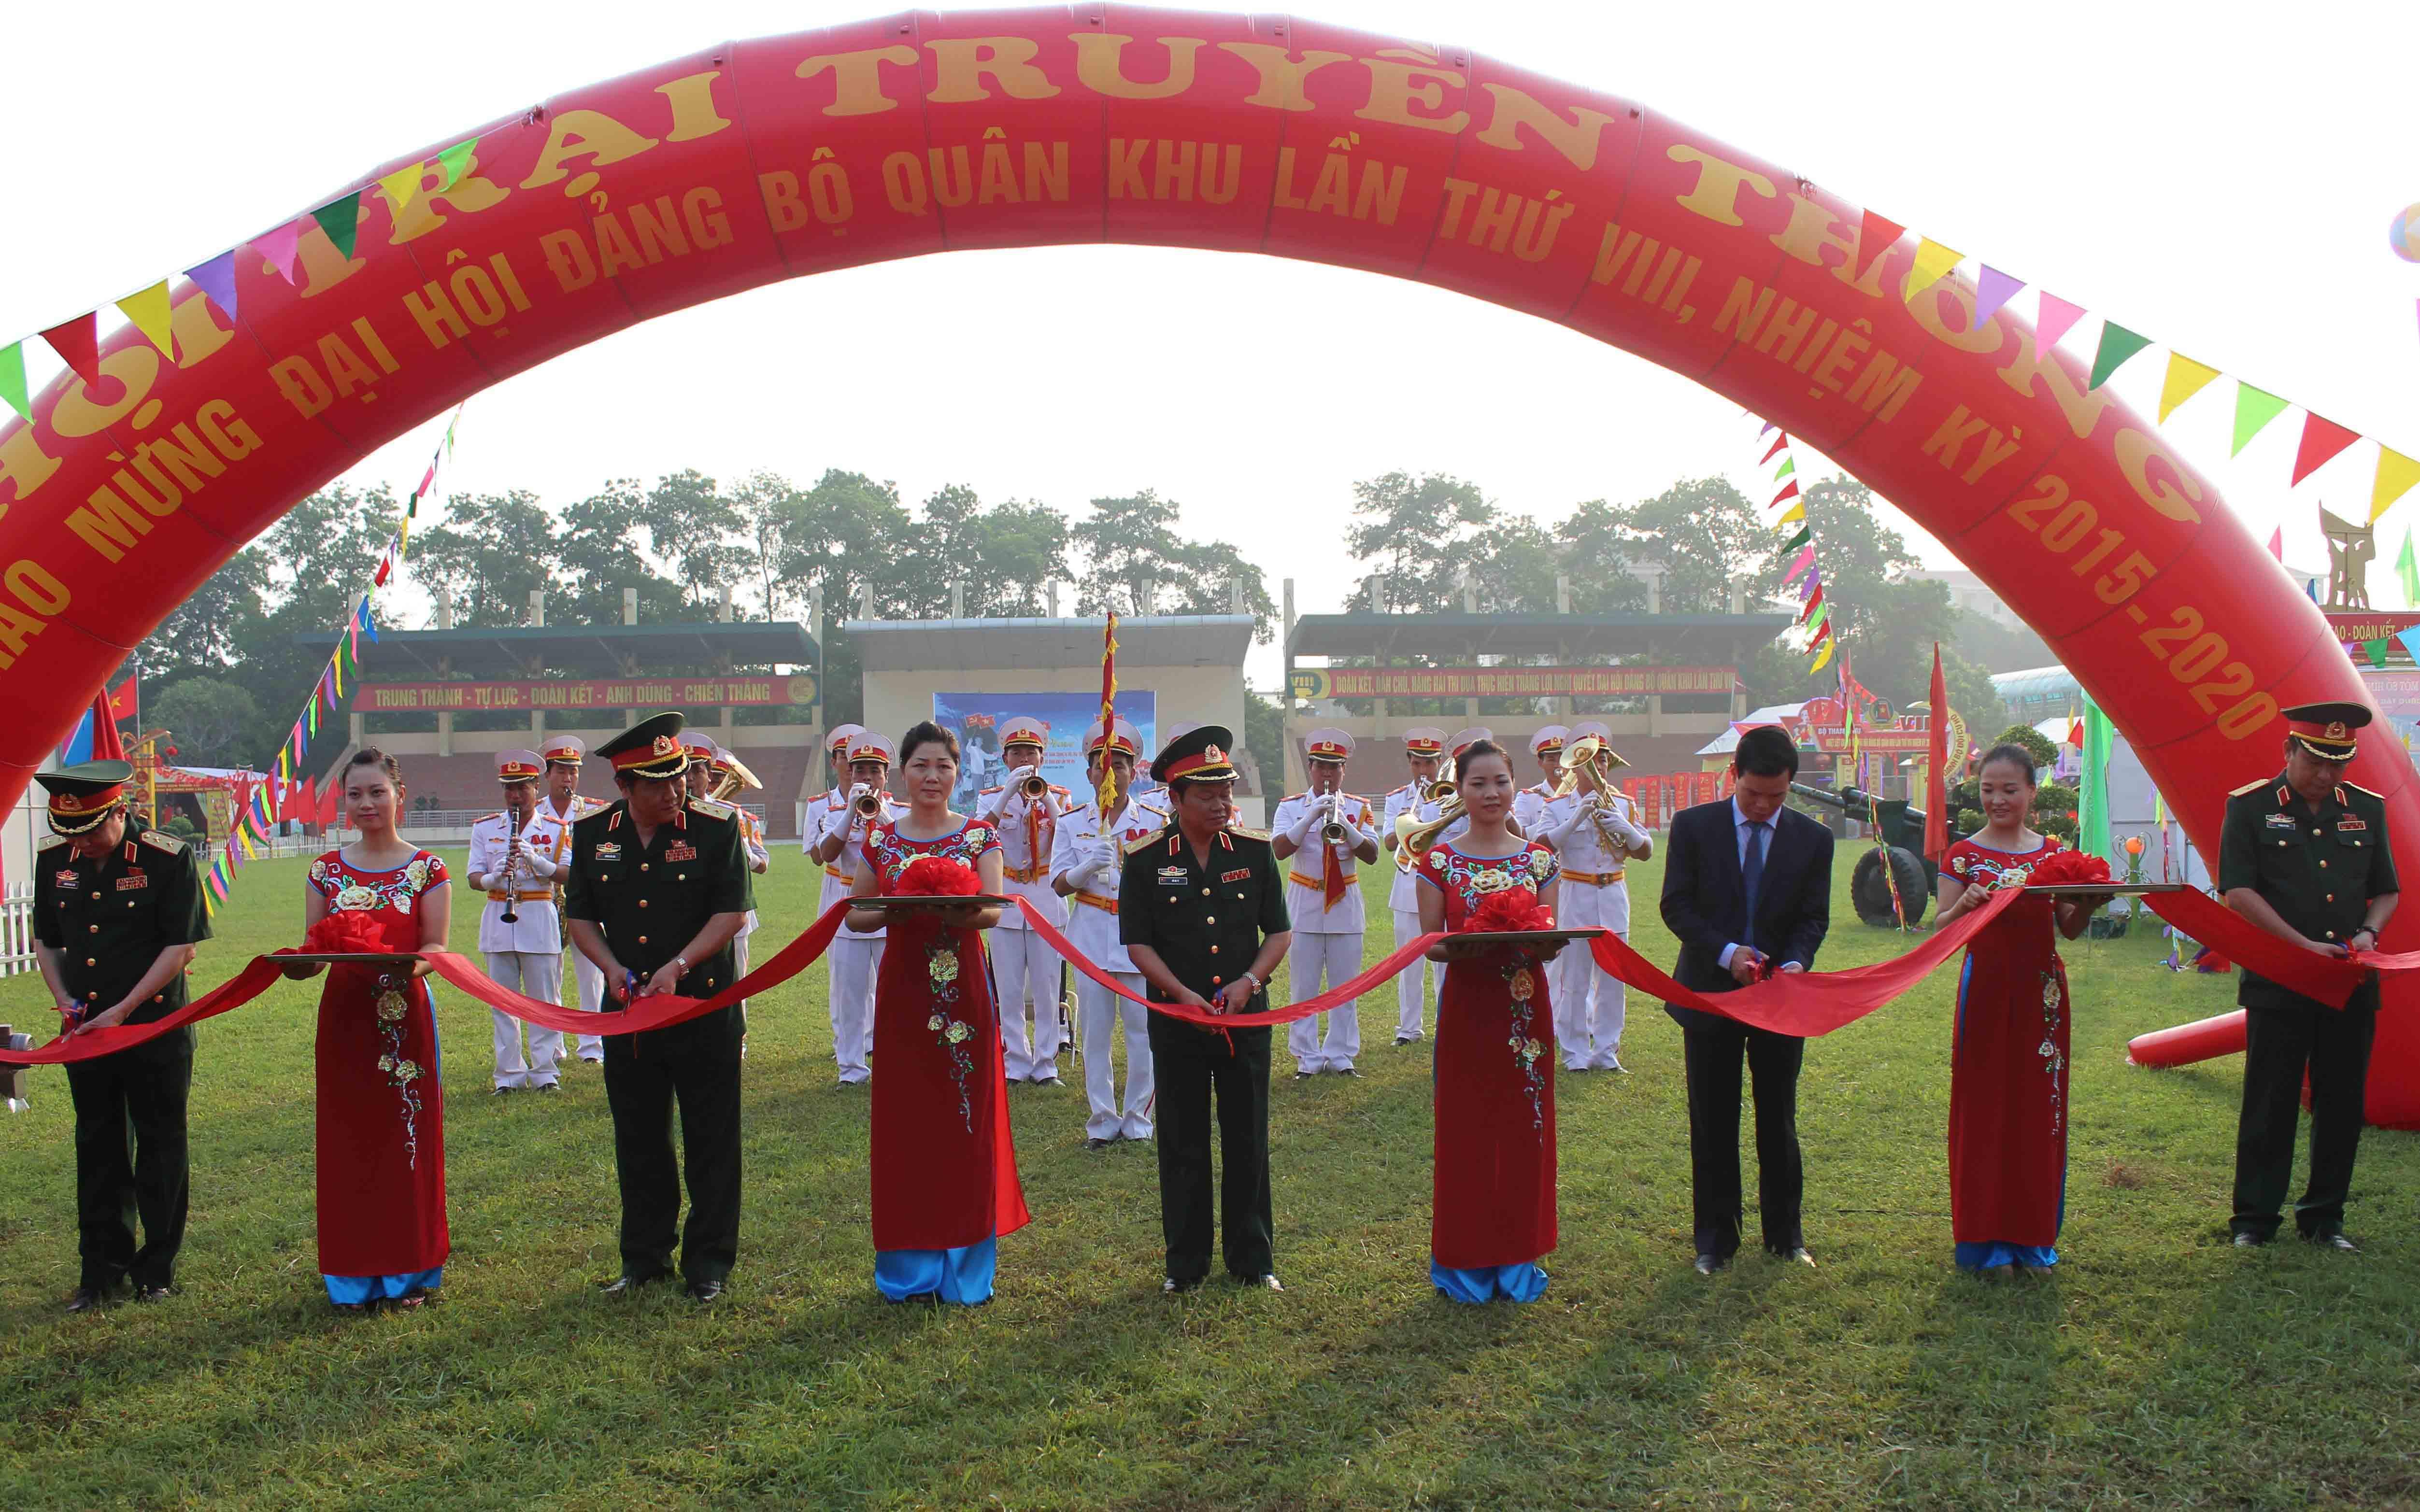 Một số hình ảnh nổi bật chào mừng Đại hội Đảng bộ Quân khu lần thứ VIII